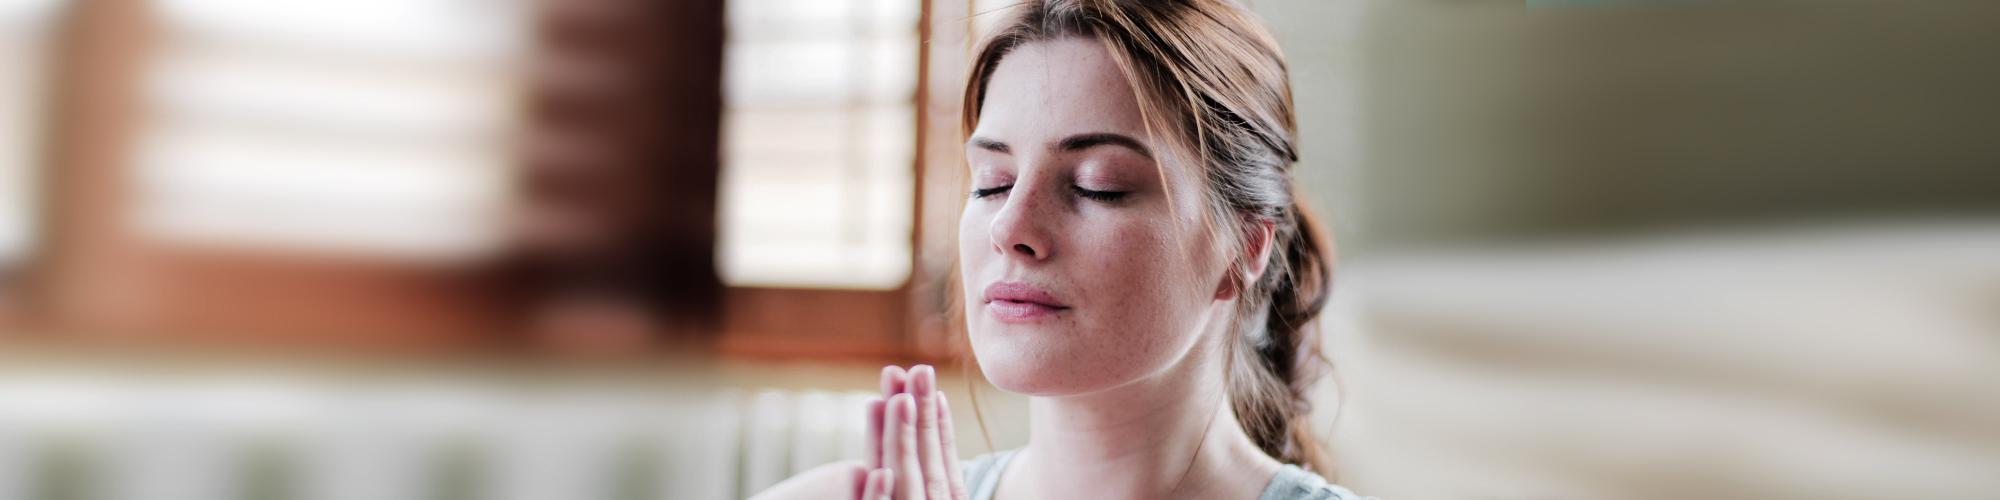 Ontspannen? Leer op een goede manier ademen!